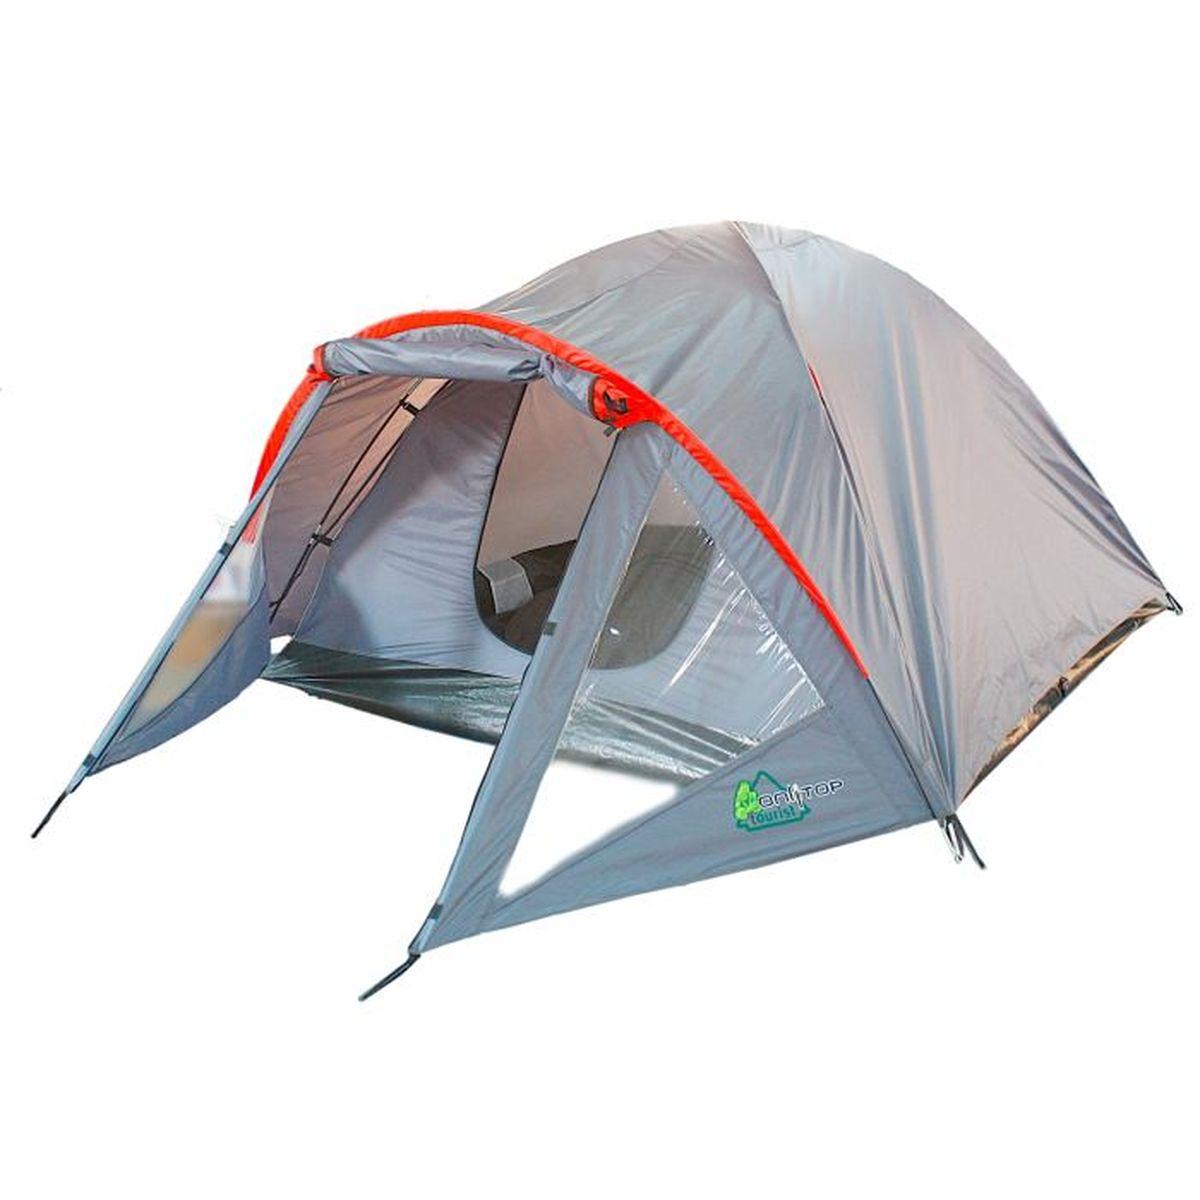 Палатка туристическая Onlitop Discovery, 2-местная, цвет: серый776300Если вы заядлый турист или просто любитель природы, вы хоть раз задумывались о ночевке на свежем воздухе. Чтобы провести это время с комфортом, вам понадобится отличная палатка, такая как Onlitop Discovery. Она обеспечит безопасный досуг и защитит от непогоды и насекомых. Дополнительным преимуществом данной модели является тамбур, с помощью которого вы можете сэкономить пространство и разместить вещи. Ткань рипстоп гарантирует длительную эксплуатацию палатки за счет высокой прочности материала.Размеры палатки: 220 x 210 x 120 см.